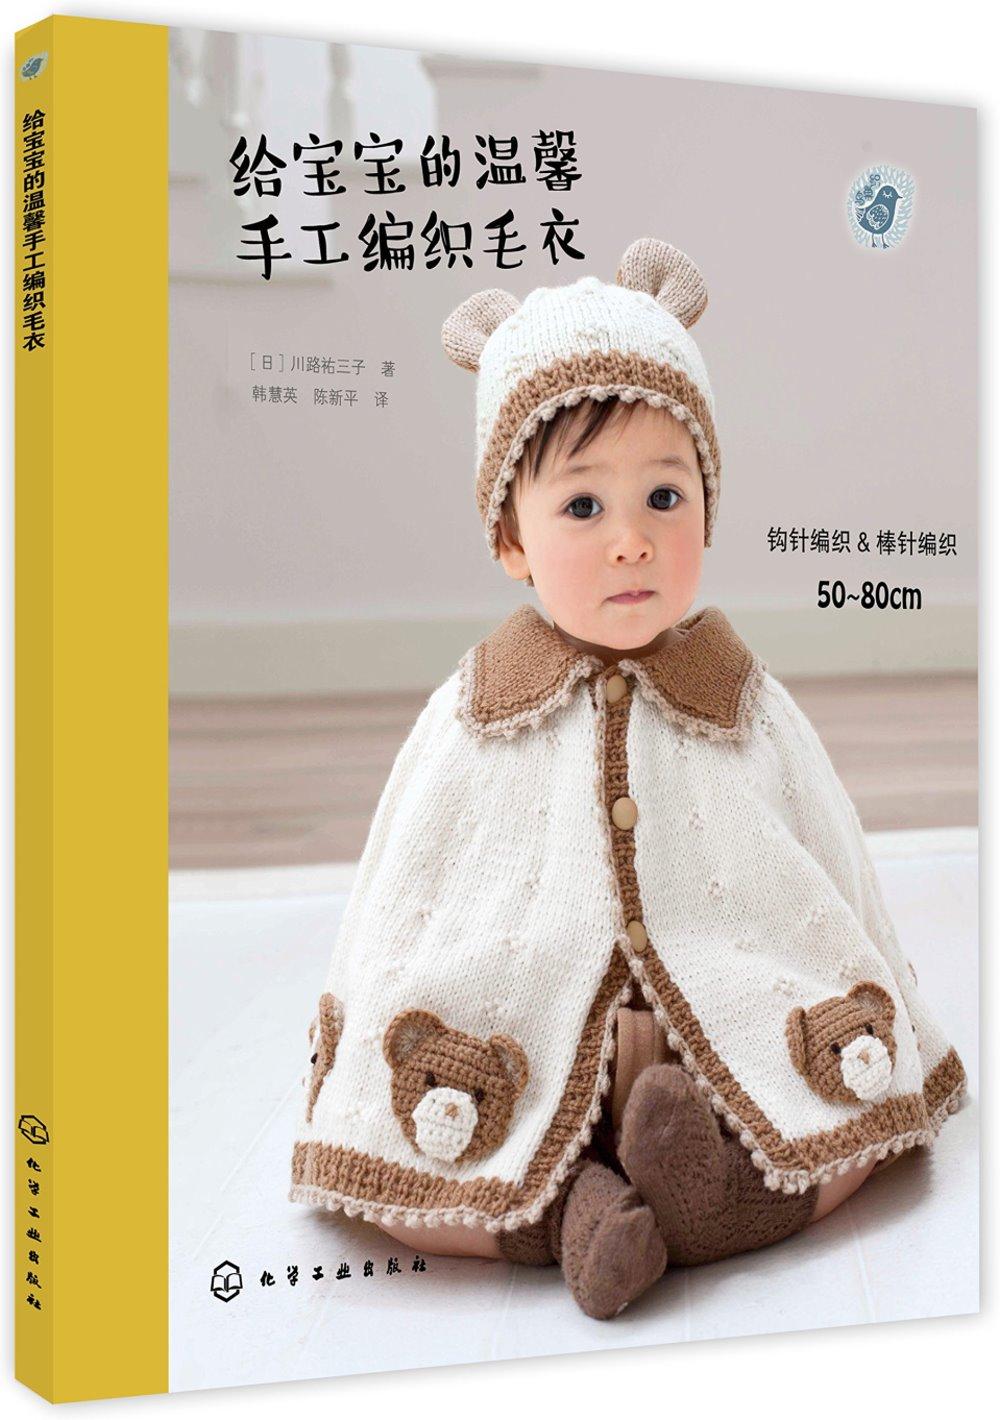 給寶寶的溫馨 編織毛衣